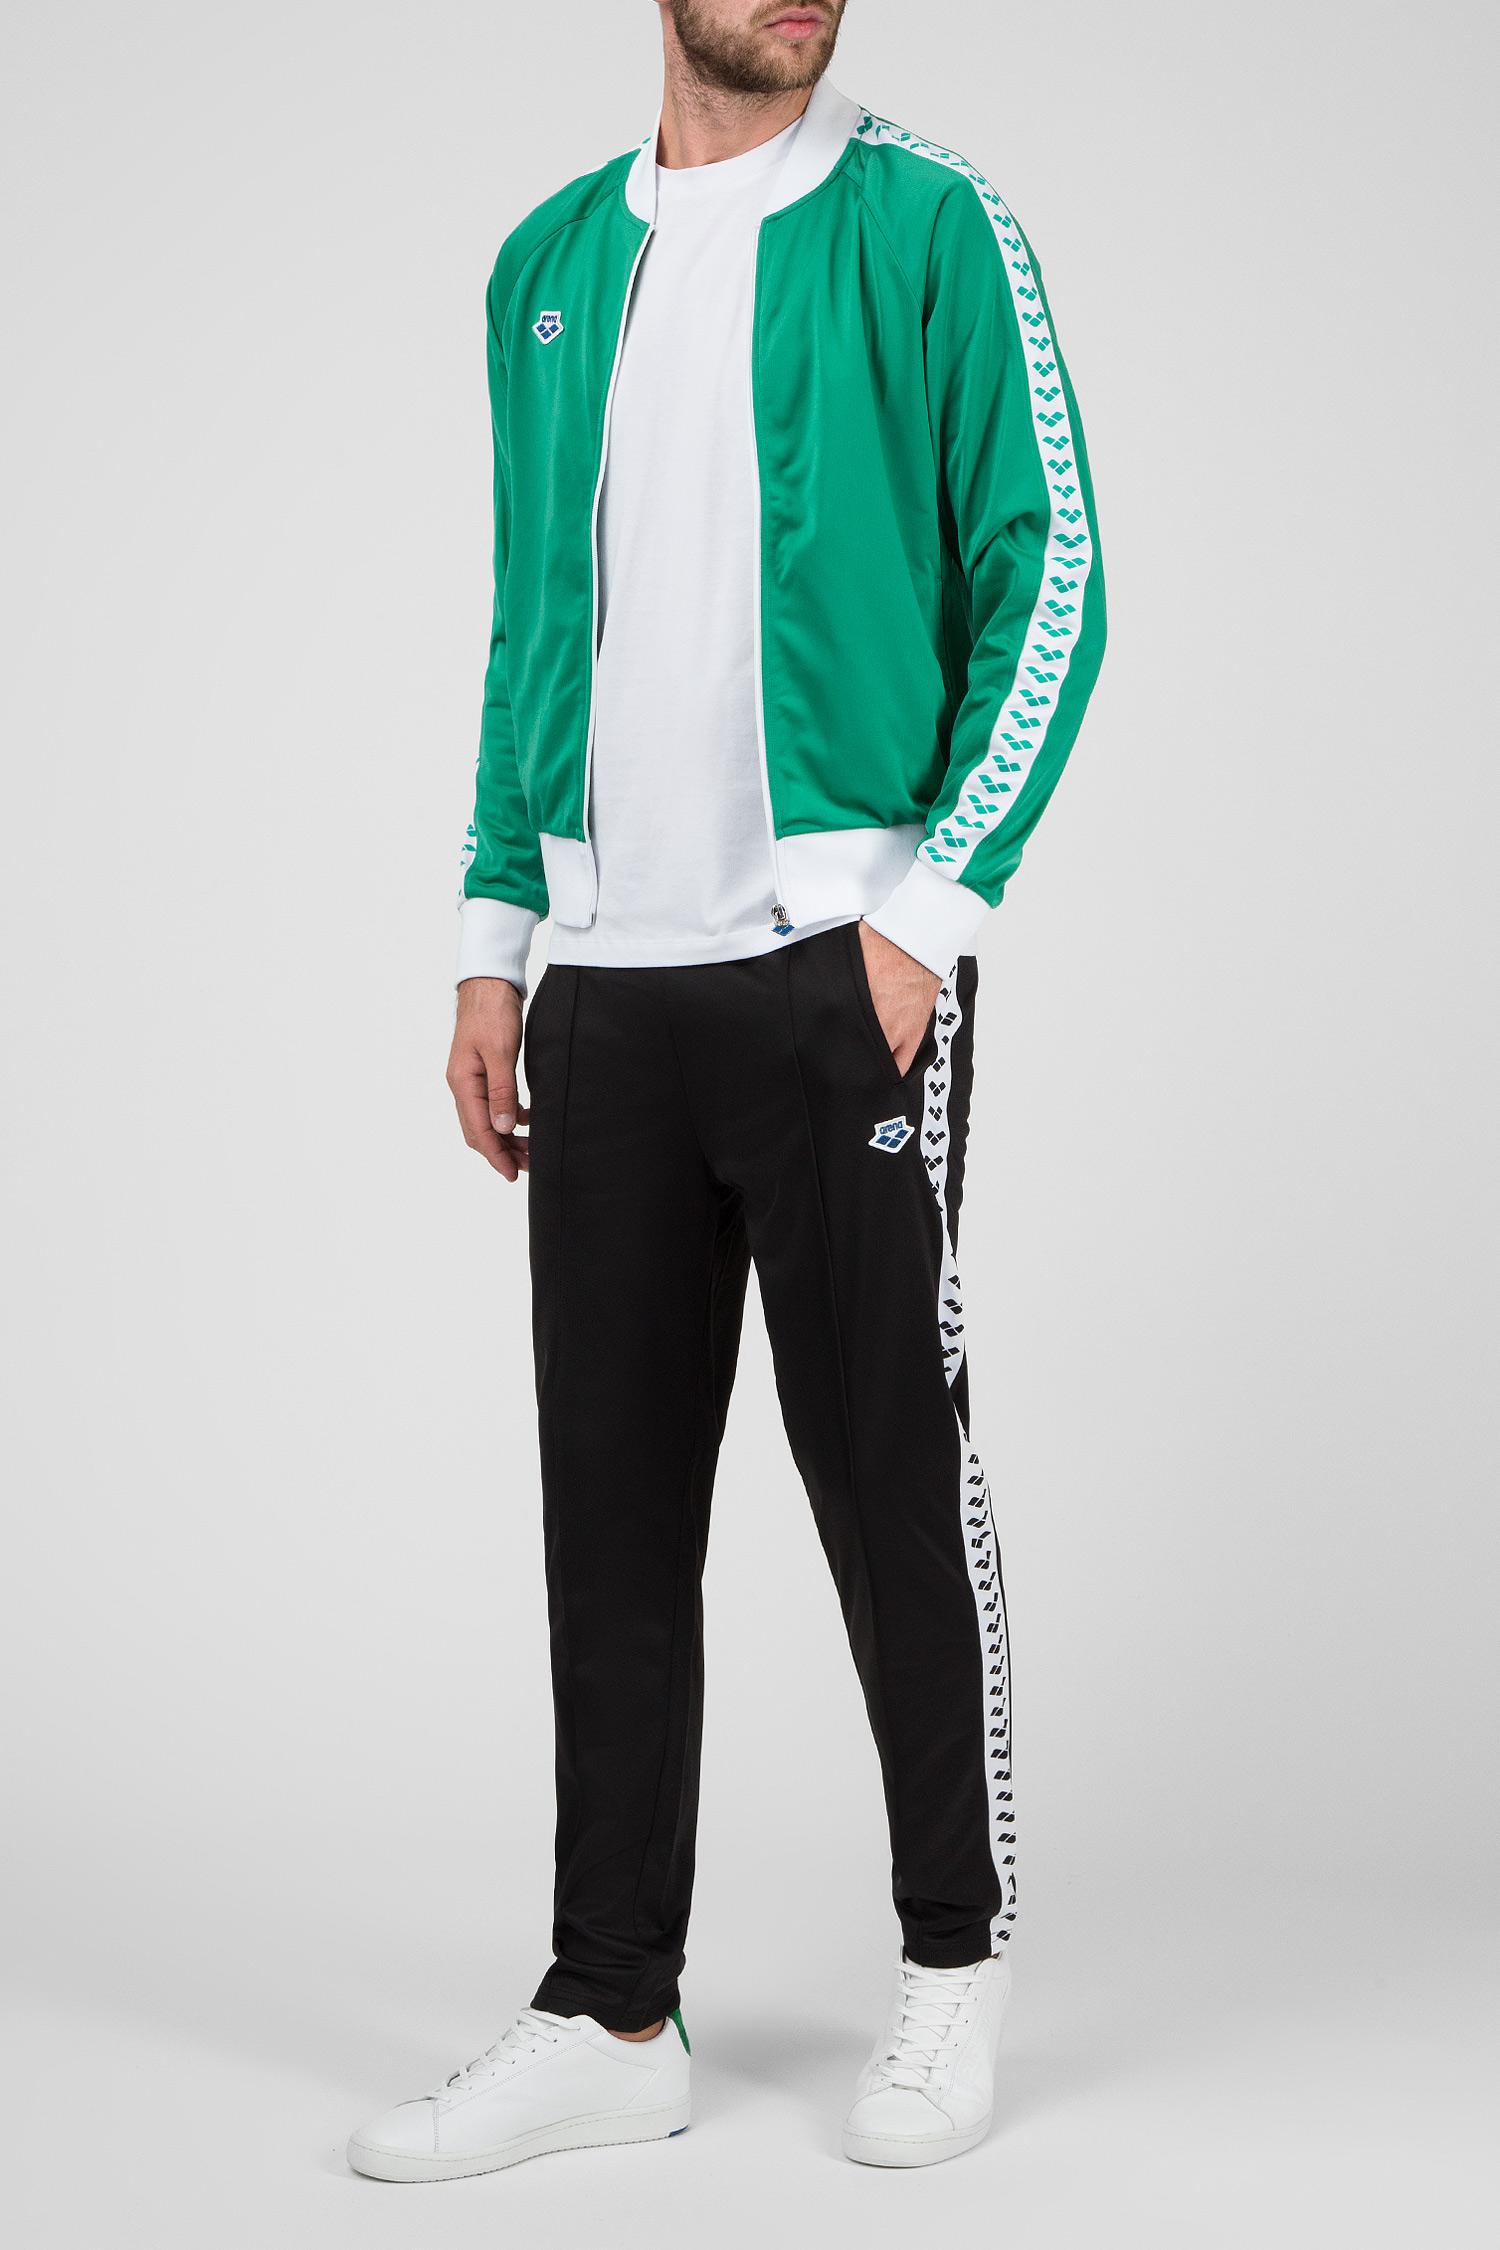 Купить Мужская зеленая кофта Arena Arena 001229-631 – Киев, Украина. Цены в интернет магазине MD Fashion